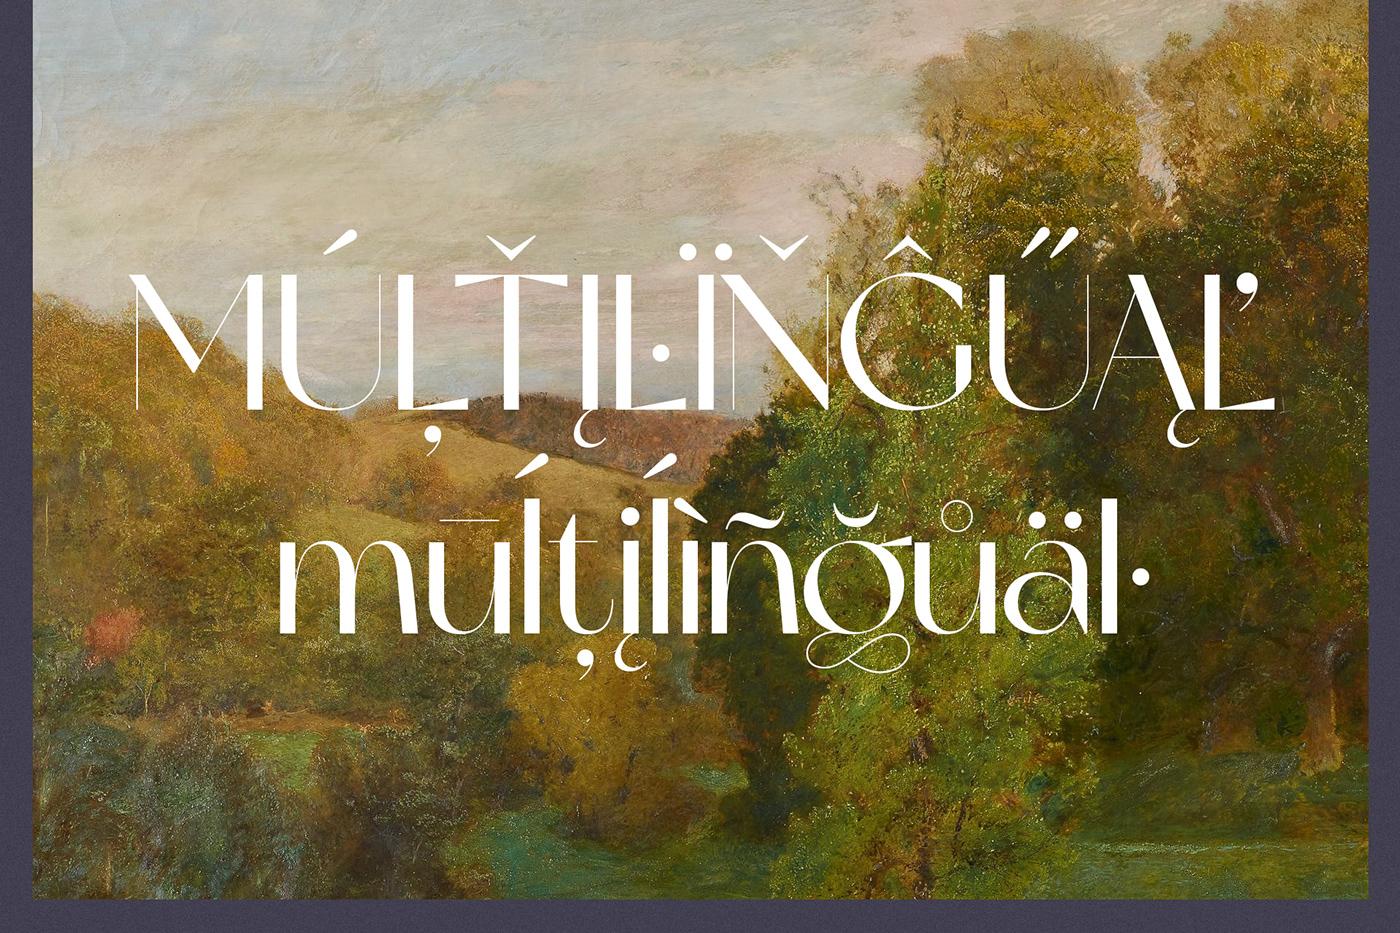 现代时尚杂志标题徽标Logo设计无衬线英文字体素材 Miracle Typeface插图3